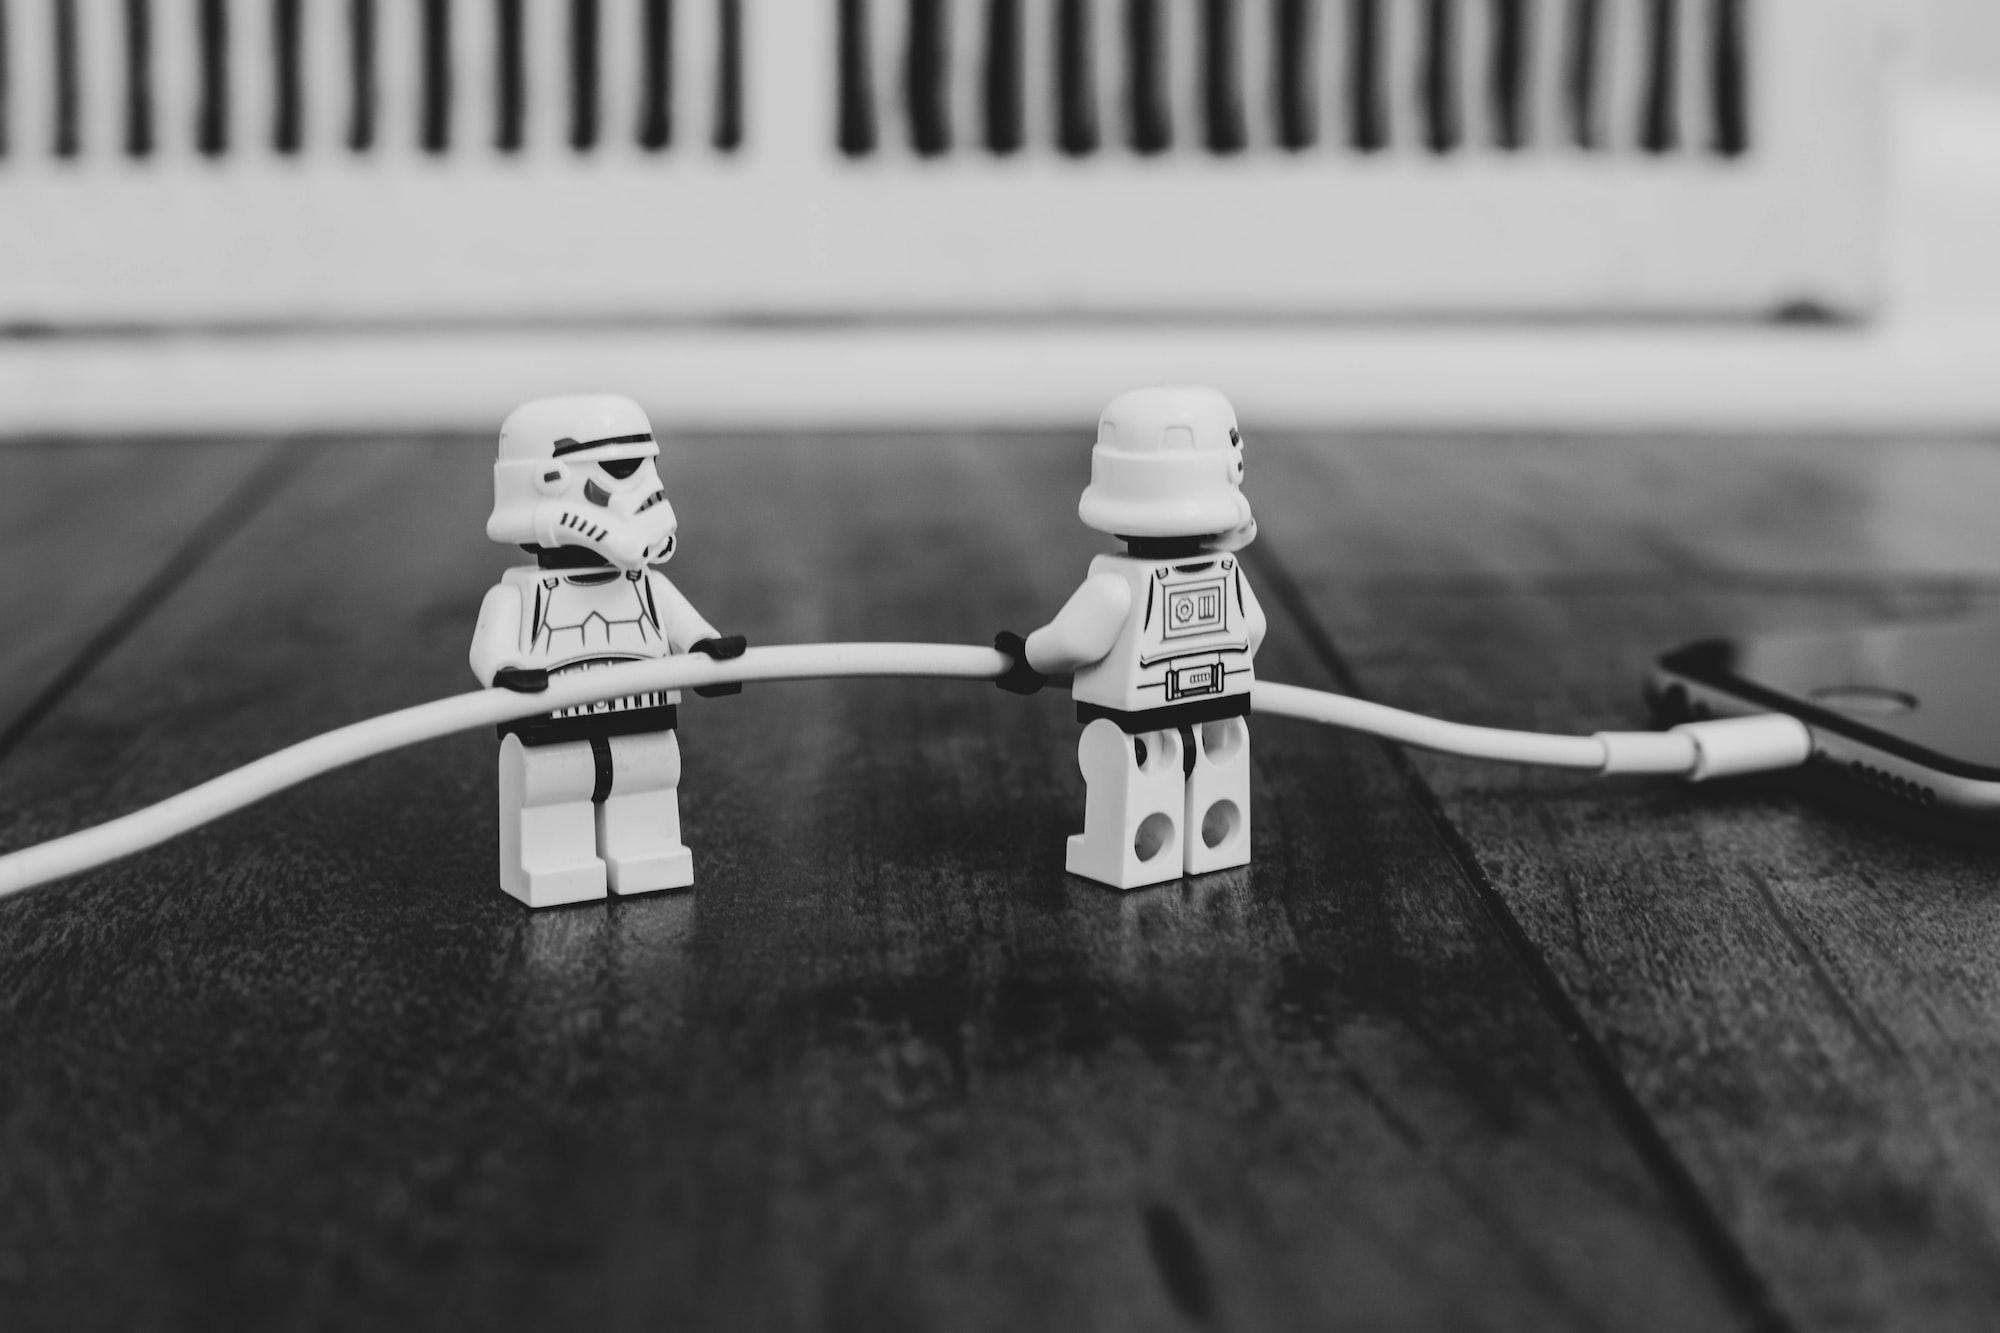 Lego Coding